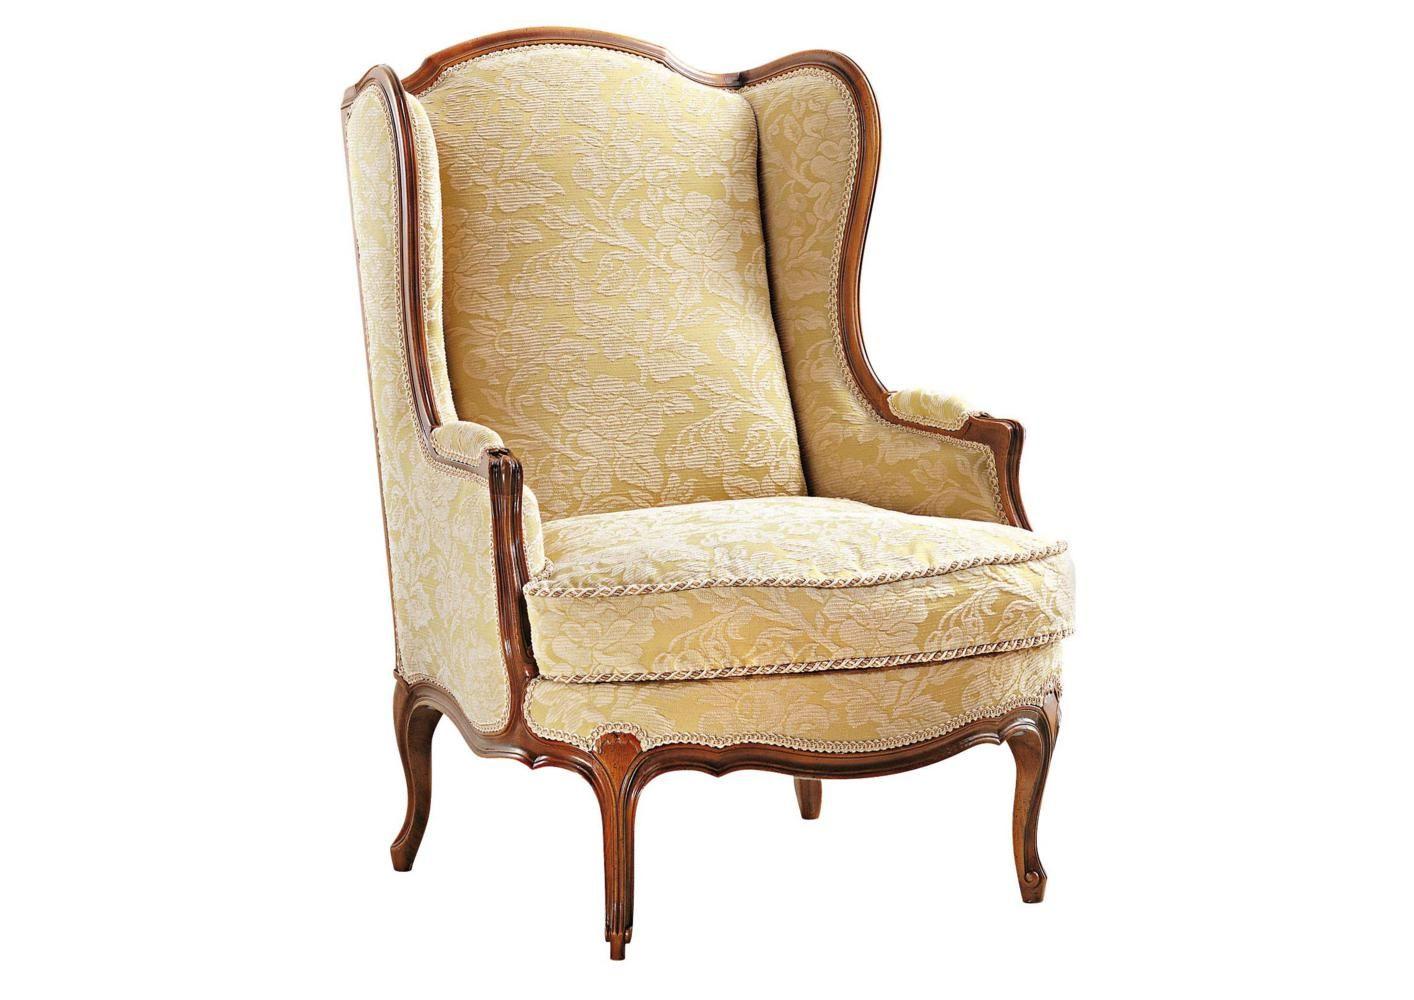 inspirant achat fauteuil bergere Décoration fran§aise